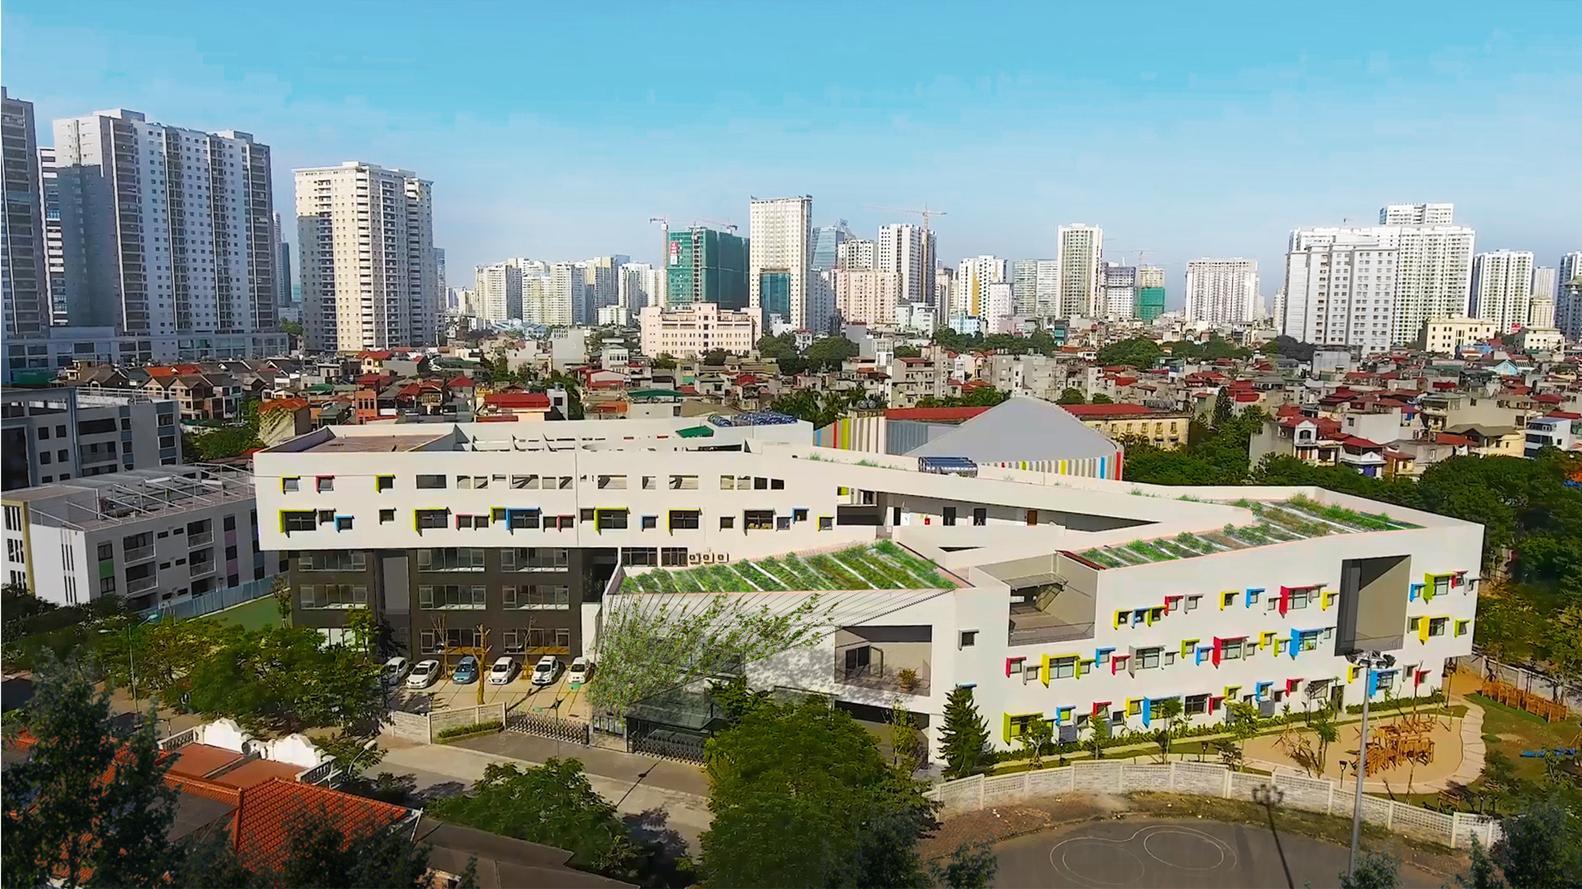 Hình ảnh ngôi trường, xung quanh là các cao ốc